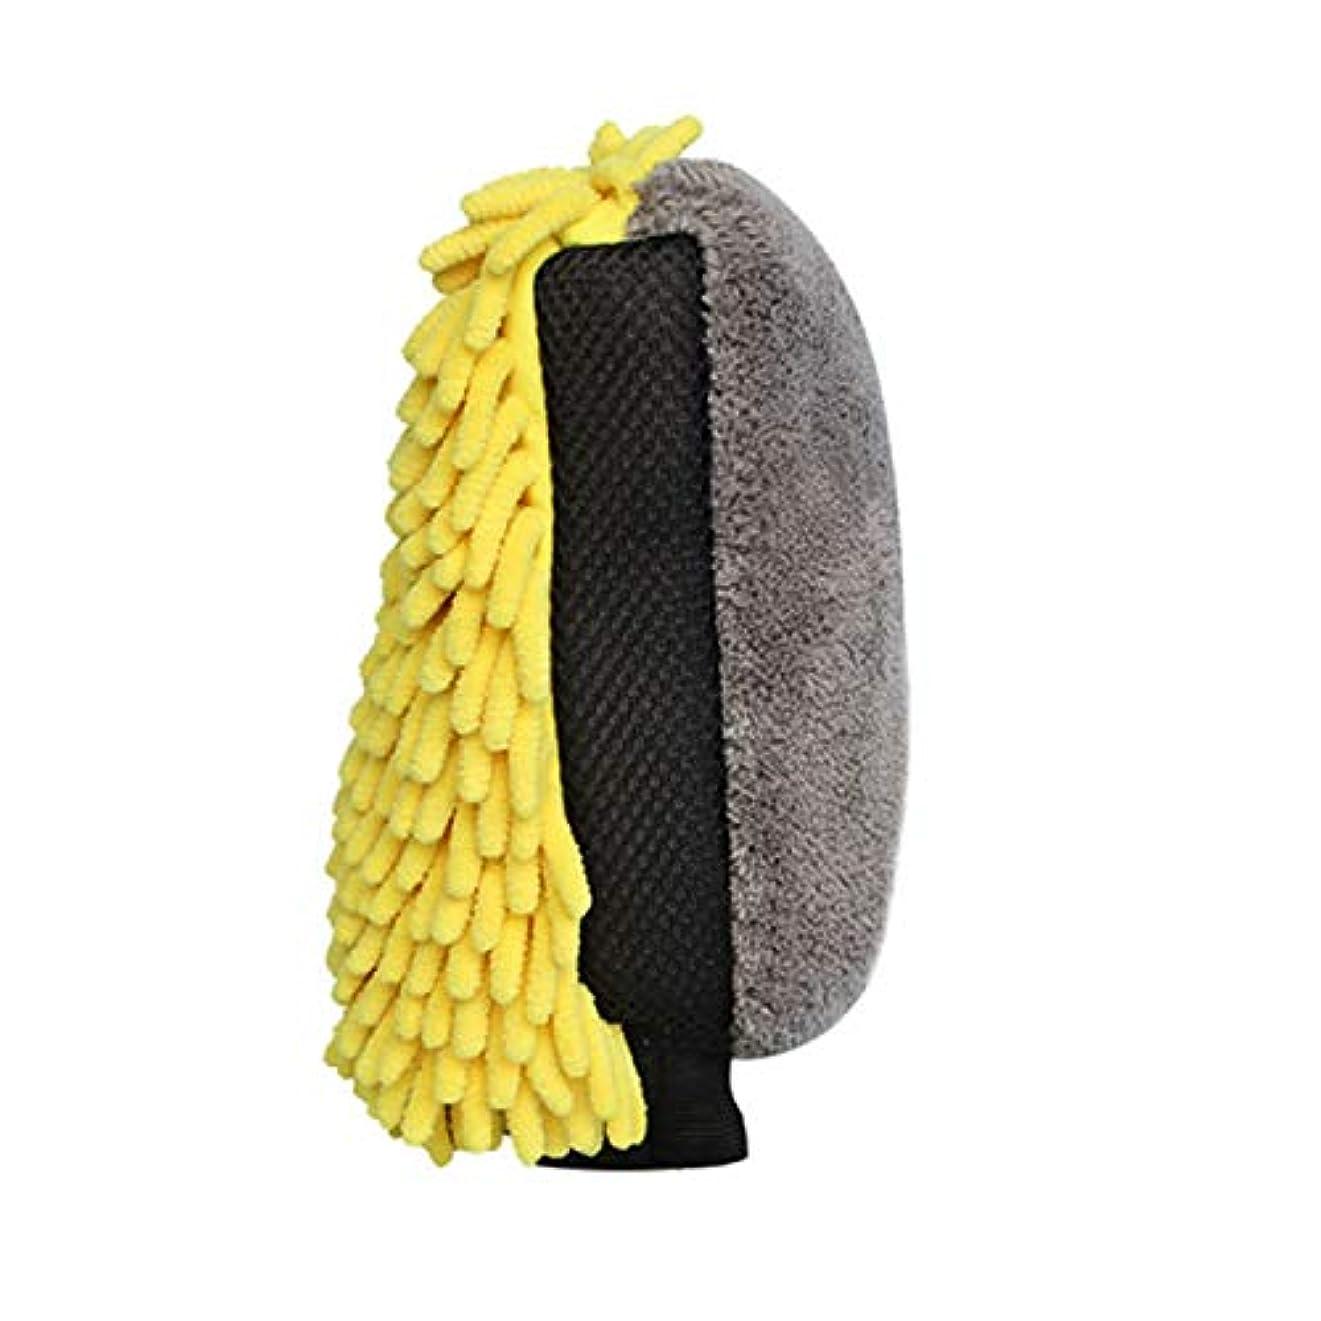 伝統的バイバイ寄託BTXXYJP 防水 カーウォッシュマイクロ ファイバーシェ ニール ディテールブラシ グローブ 多機能 (Color : Yellow, Size : M-Five pairs)